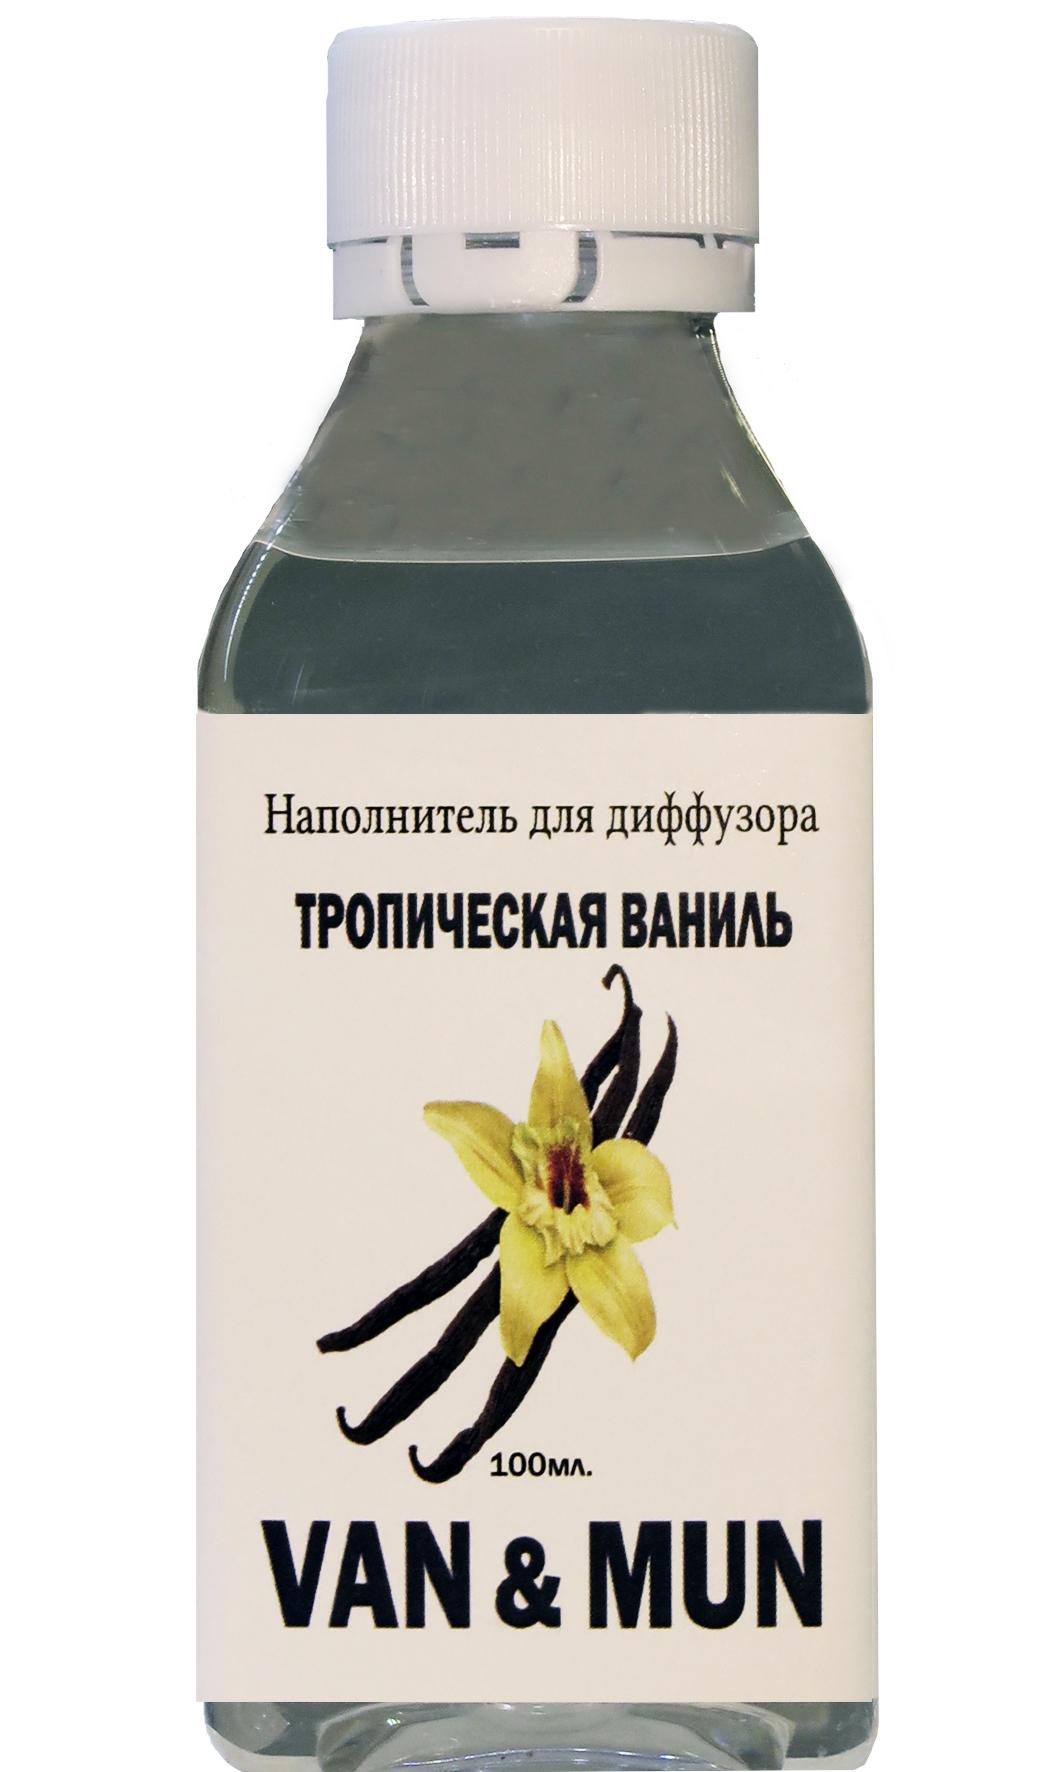 Наполнитель ароматический VANMUN Тропическая ваниль 100мл.VM0831Наполнитель для ароматического диффузора VAN&MUN Тропическая ваниль 100 мл. Нота кокоса, тонкий аромат цветов апельсина, едва уловимые ноты экзотических фруктов – все они прекрасно дополняют сладкую ваниль. Аромат Тропическая ваниль поможет Вам создать райский уголок у Вас дома. Наполнитель для диффузора - это ароматическая жидкость, которую можно использовать для ароматического диффузора. Объем бутылочки составляет 100 мл. При регулярном переворачивании палочек данный объем будет работать до 3 месяцев. С наполнителем не забывайте покупать новые палочки, помните, что палочки имеют ограниченный срок службы, а их поры имеют свойство забиваться. Всегда, заменяя аромат или доливая тот же аромат из наполнителя, - меняйте палочки на новые, чтобы продолжать наслаждаться любимым ароматом.